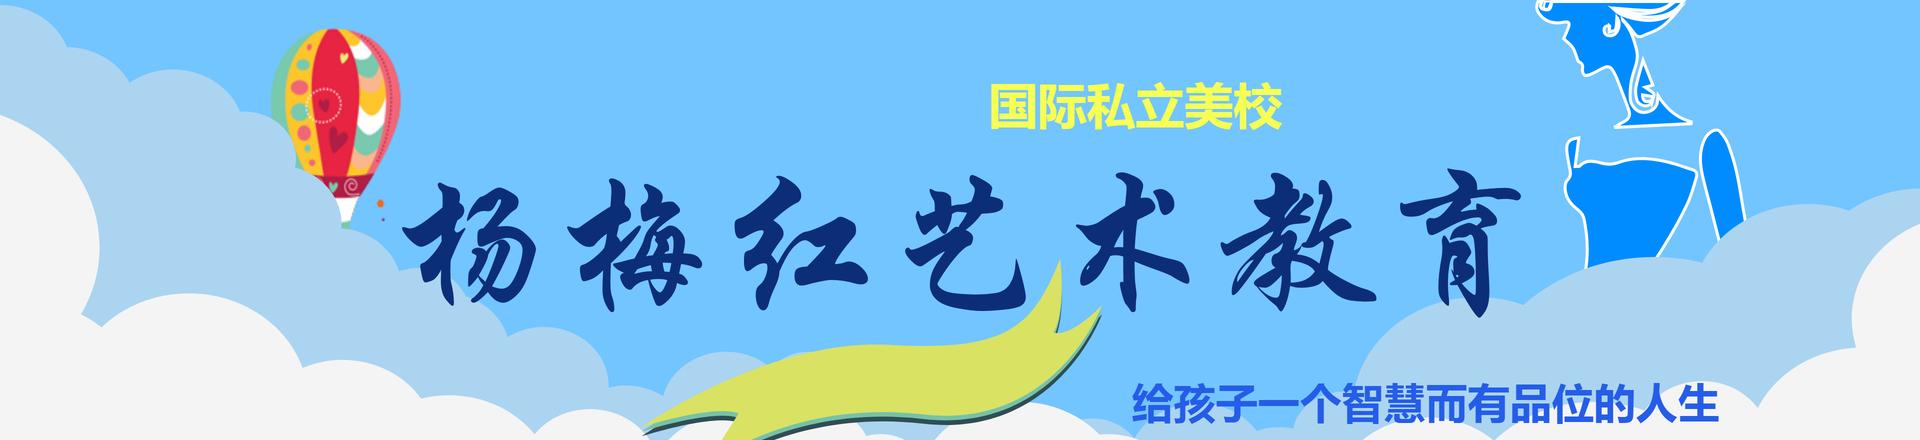 郑州CBD少儿美术培训学校